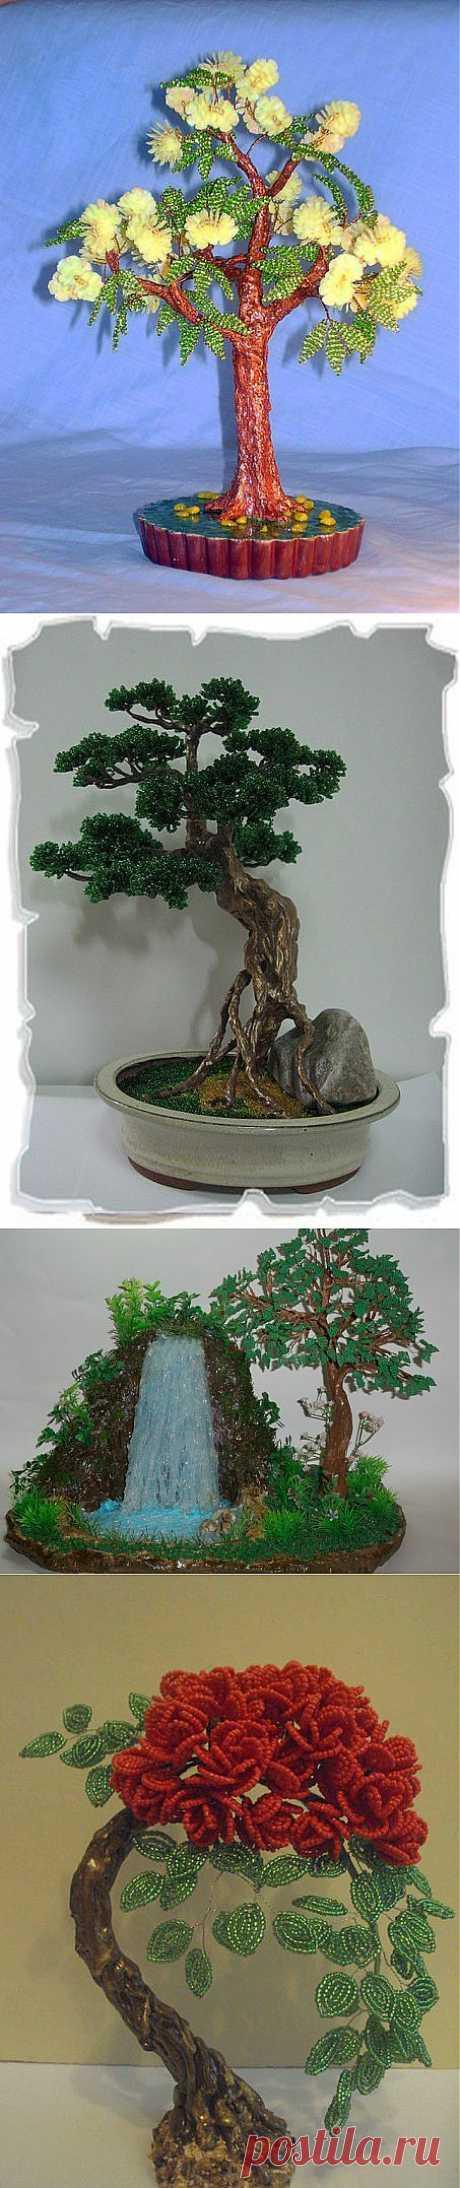 Сегодня у нас деревья из бисера. Вдохновение от мастеров! #вдохновлялки@spigelds